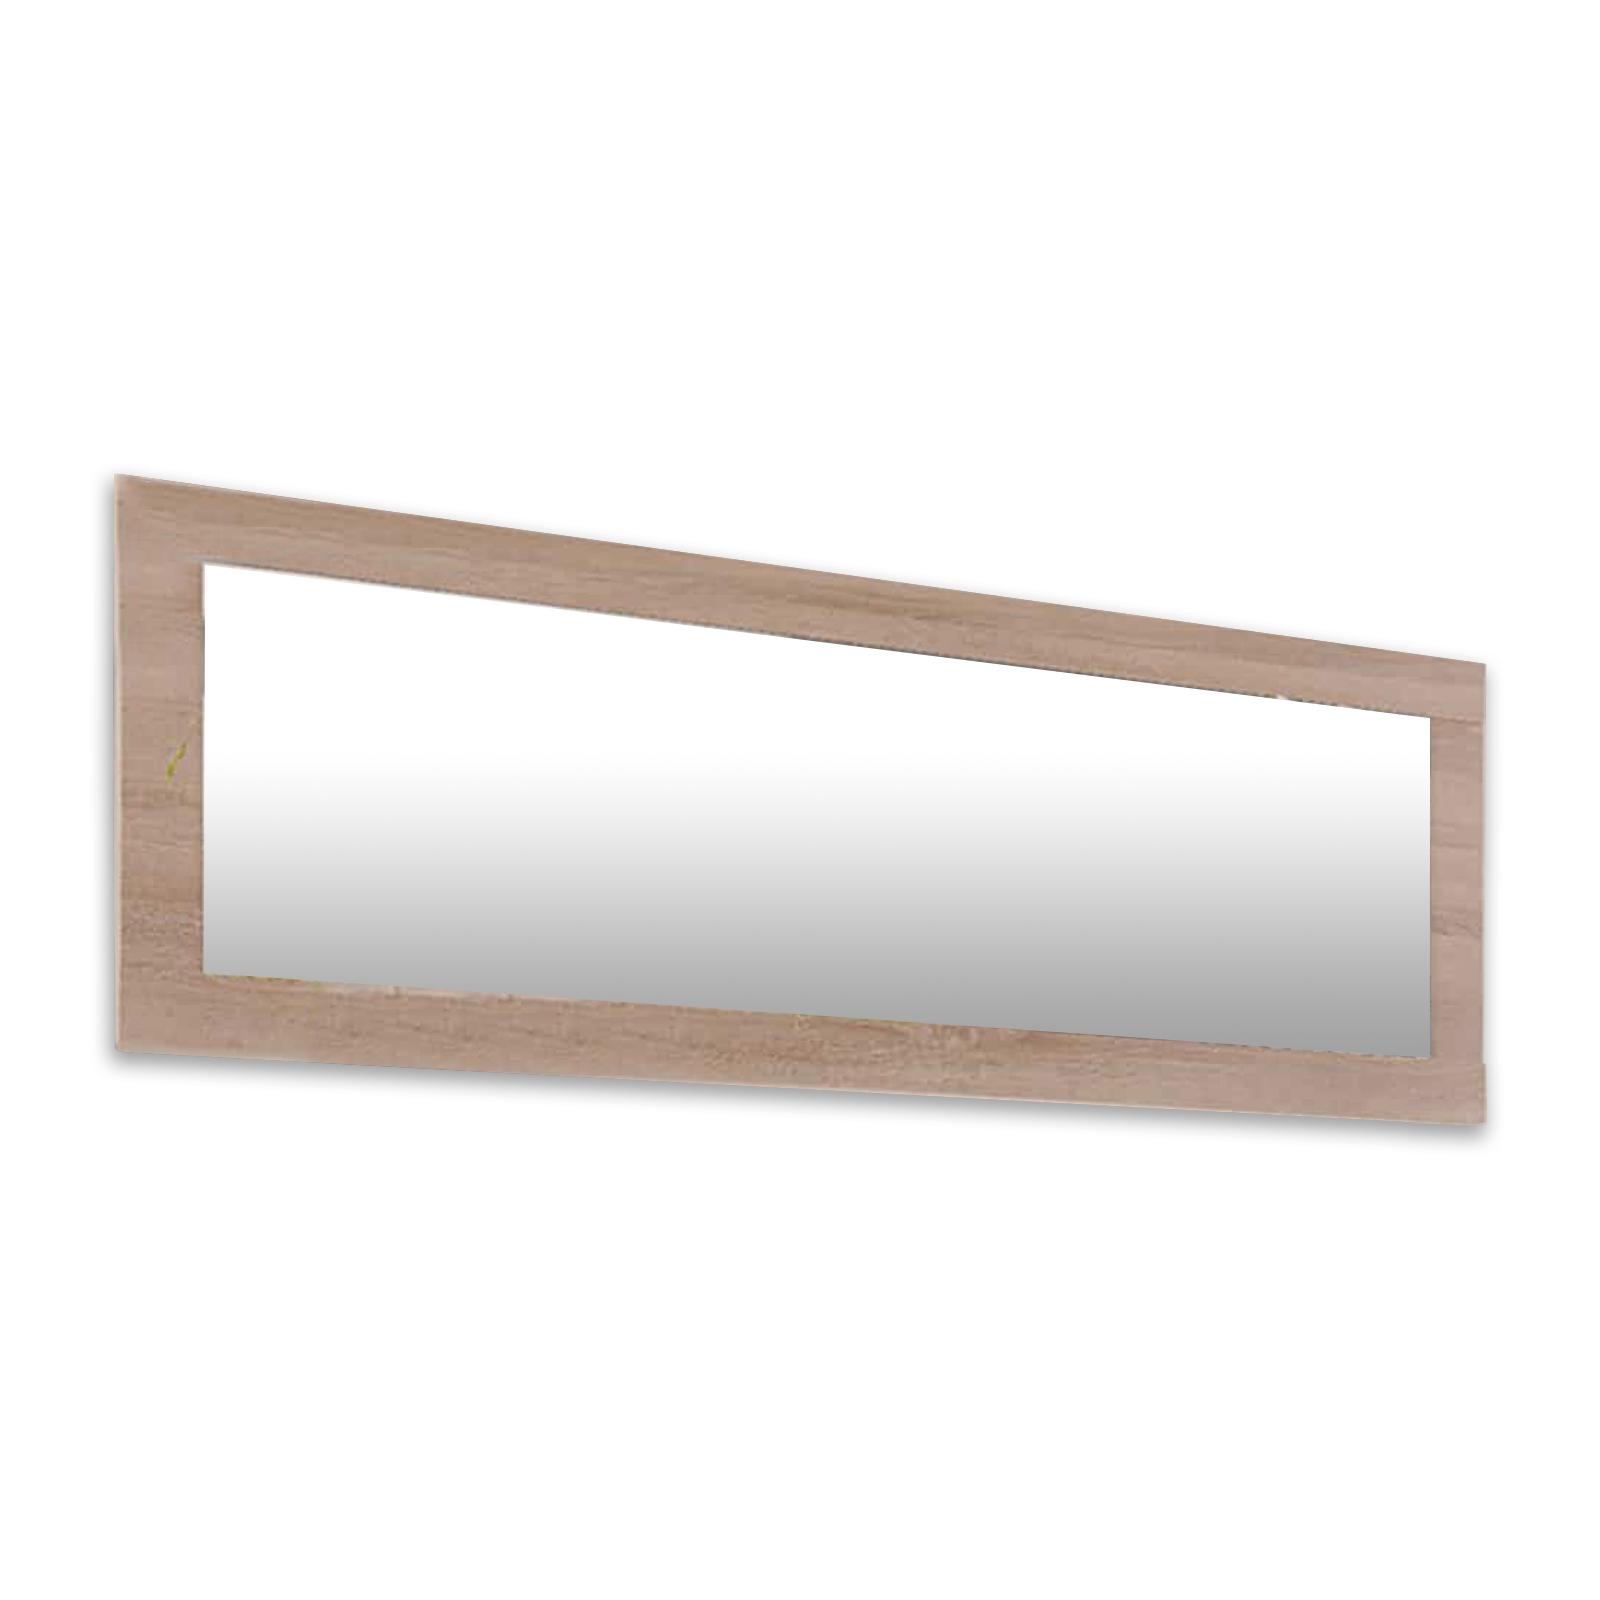 Spiegel Sonoma Eiche : spiegel sonoma eiche wandspiegel online bei roller kaufen ~ Watch28wear.com Haus und Dekorationen